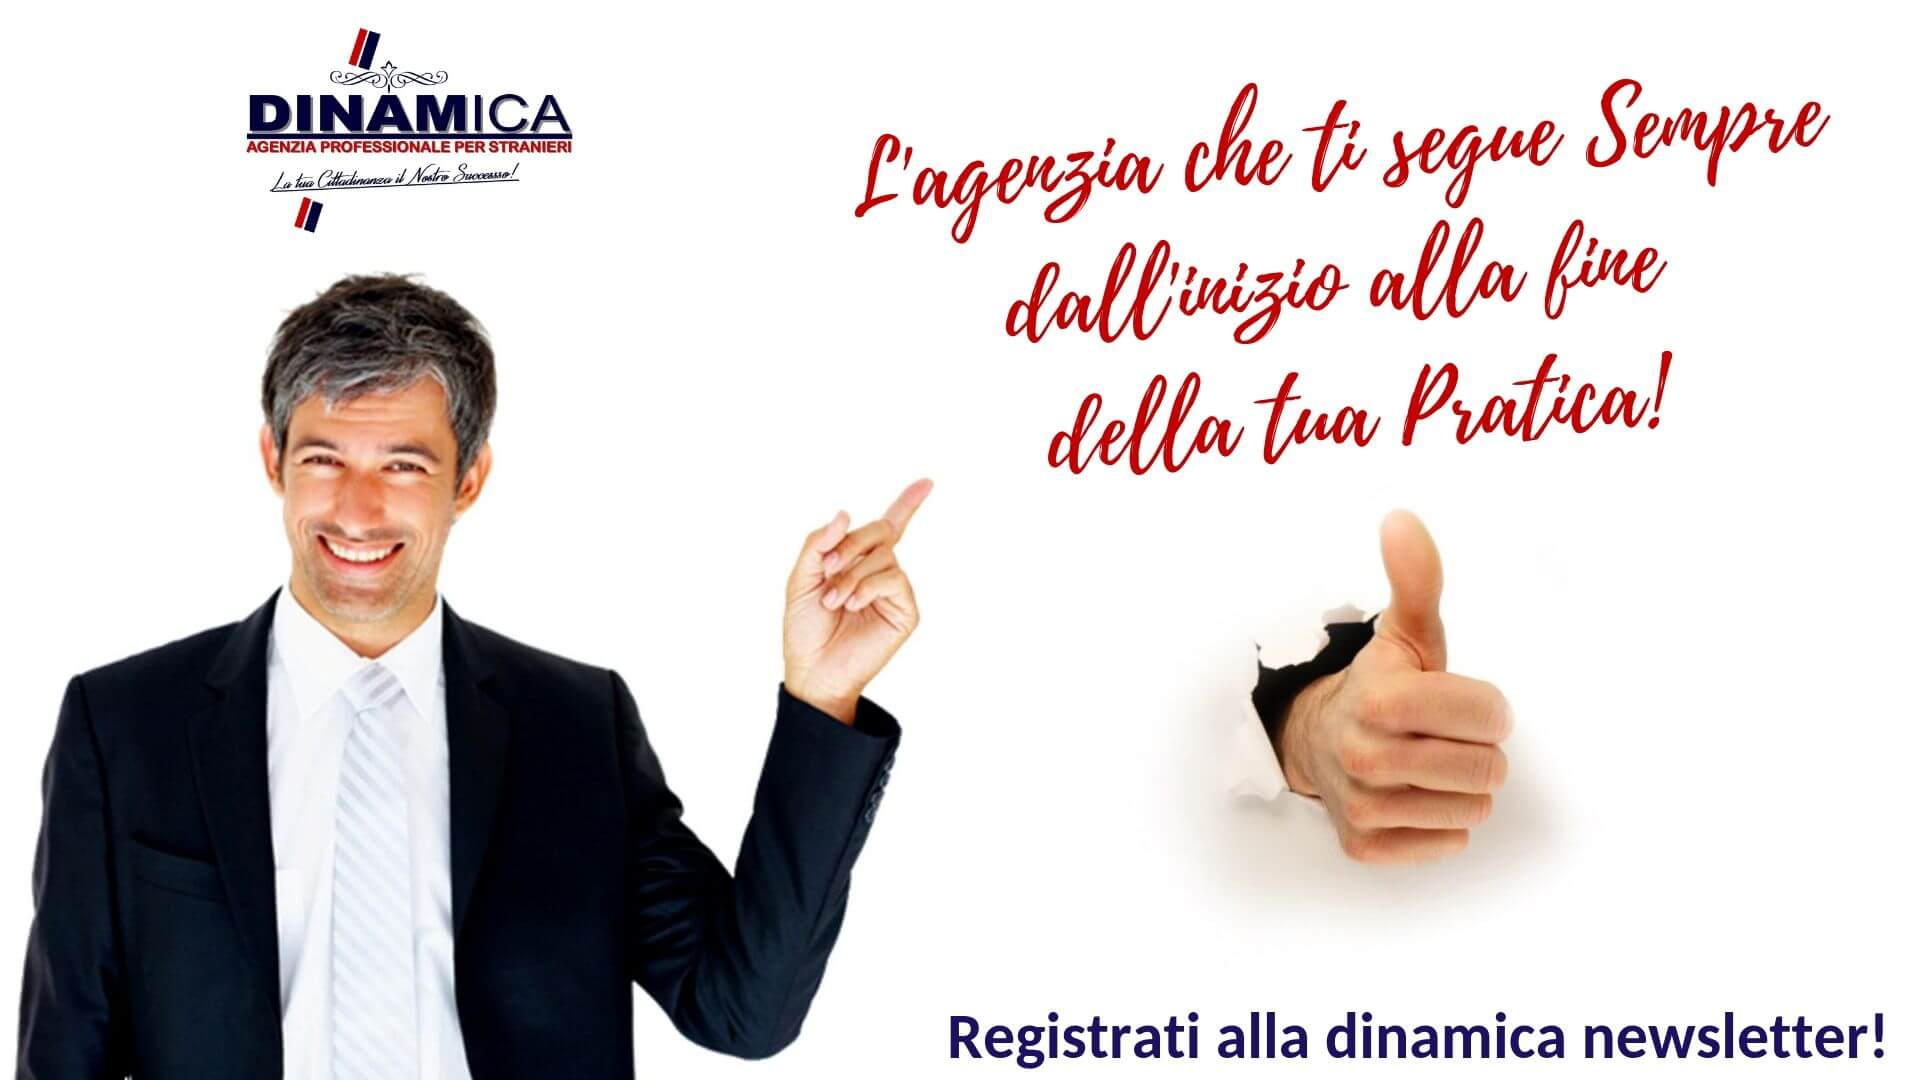 Rinnovo permesso di soggiorno|Agenzia per stranieri DINAMICA ...